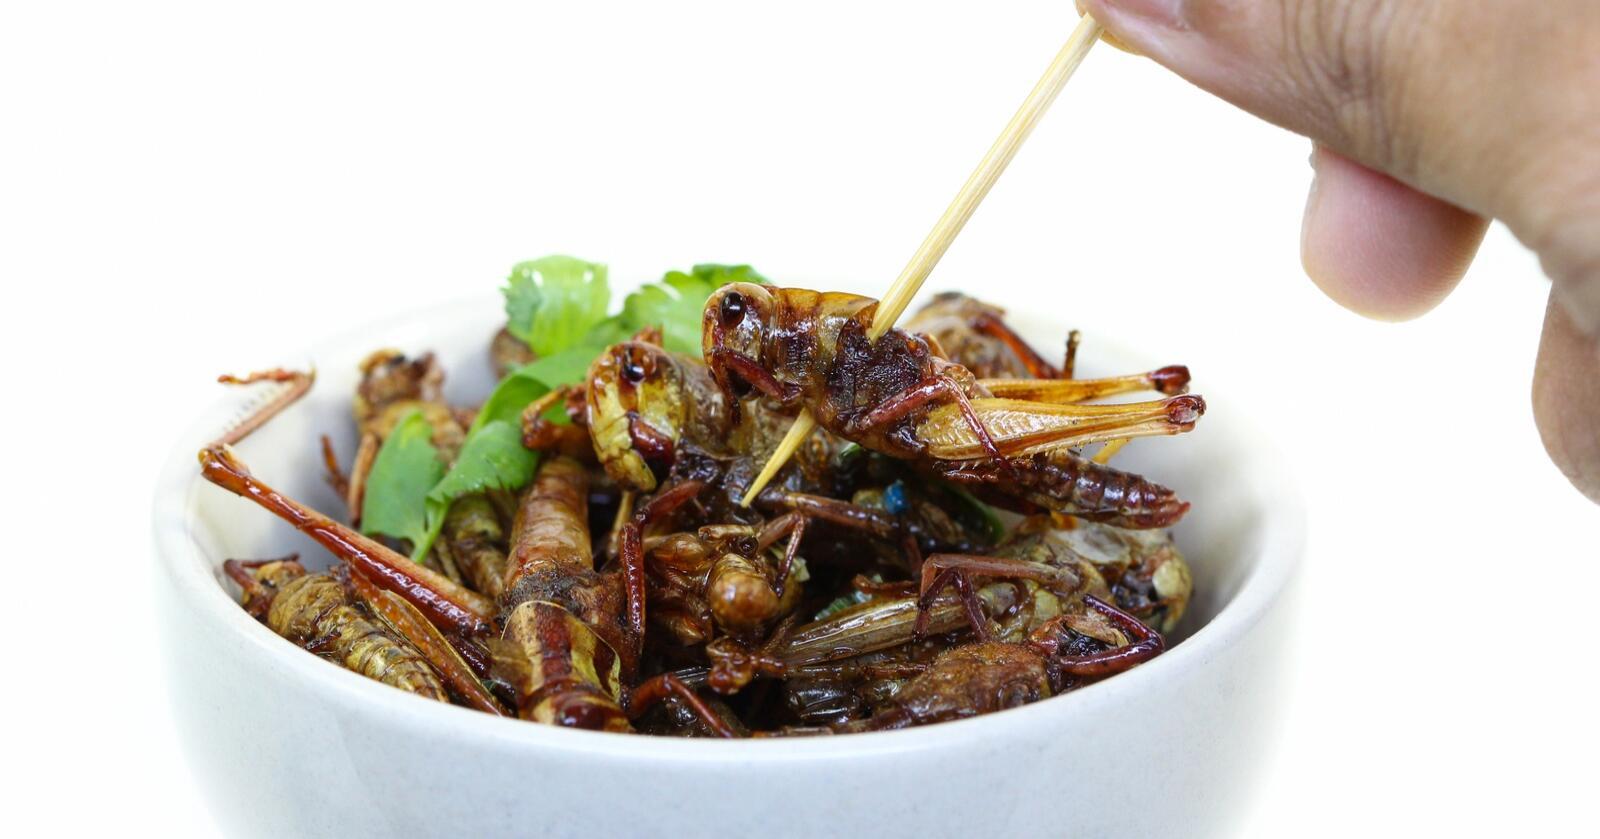 Friterte insekter har lenge vært en delikatesse flere steder i verden, spesielt i Asia. Nå kan insekter blitt et enda mer vanlig syn i frysedisken i mange butikker også i europeiske land. Foto: Napat Polchoke/Mostphotos